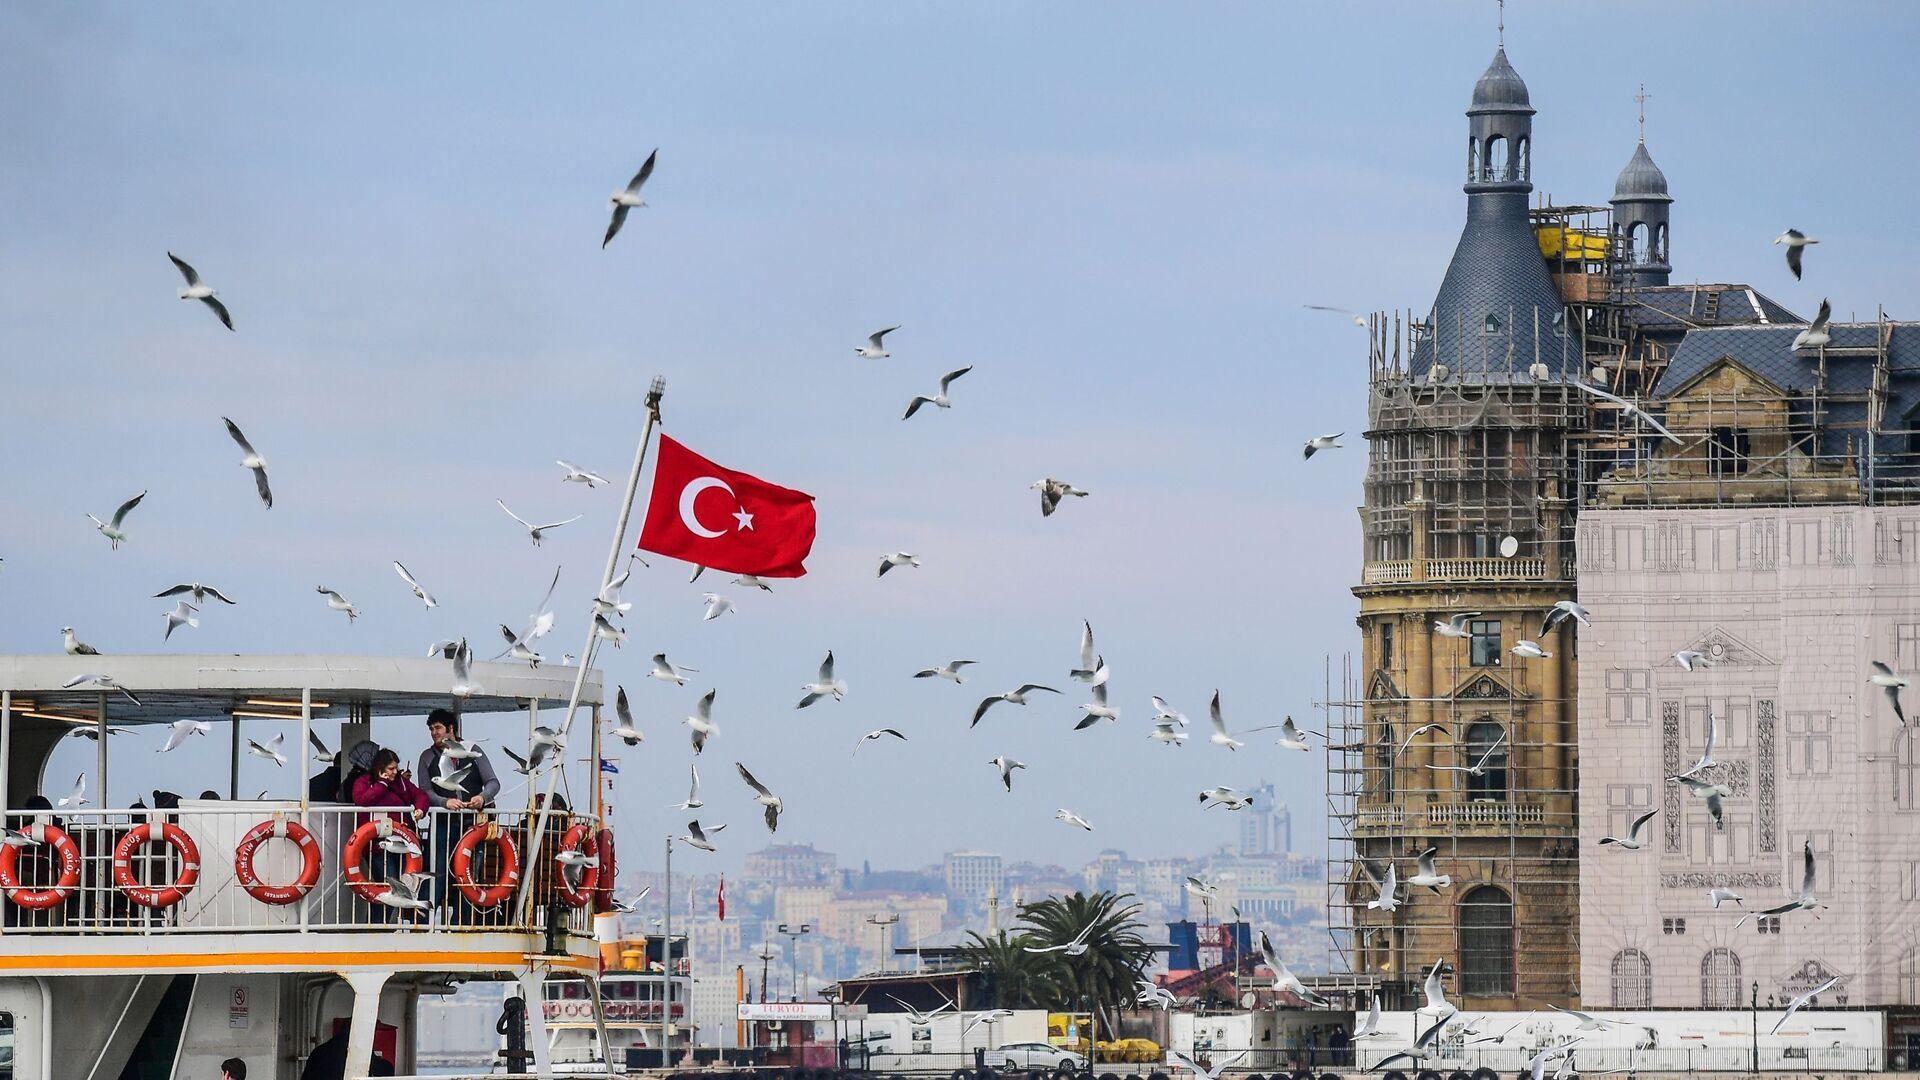 Turecká vlajka v Istanbulu - Sputnik Česká republika, 1920, 27.07.2021